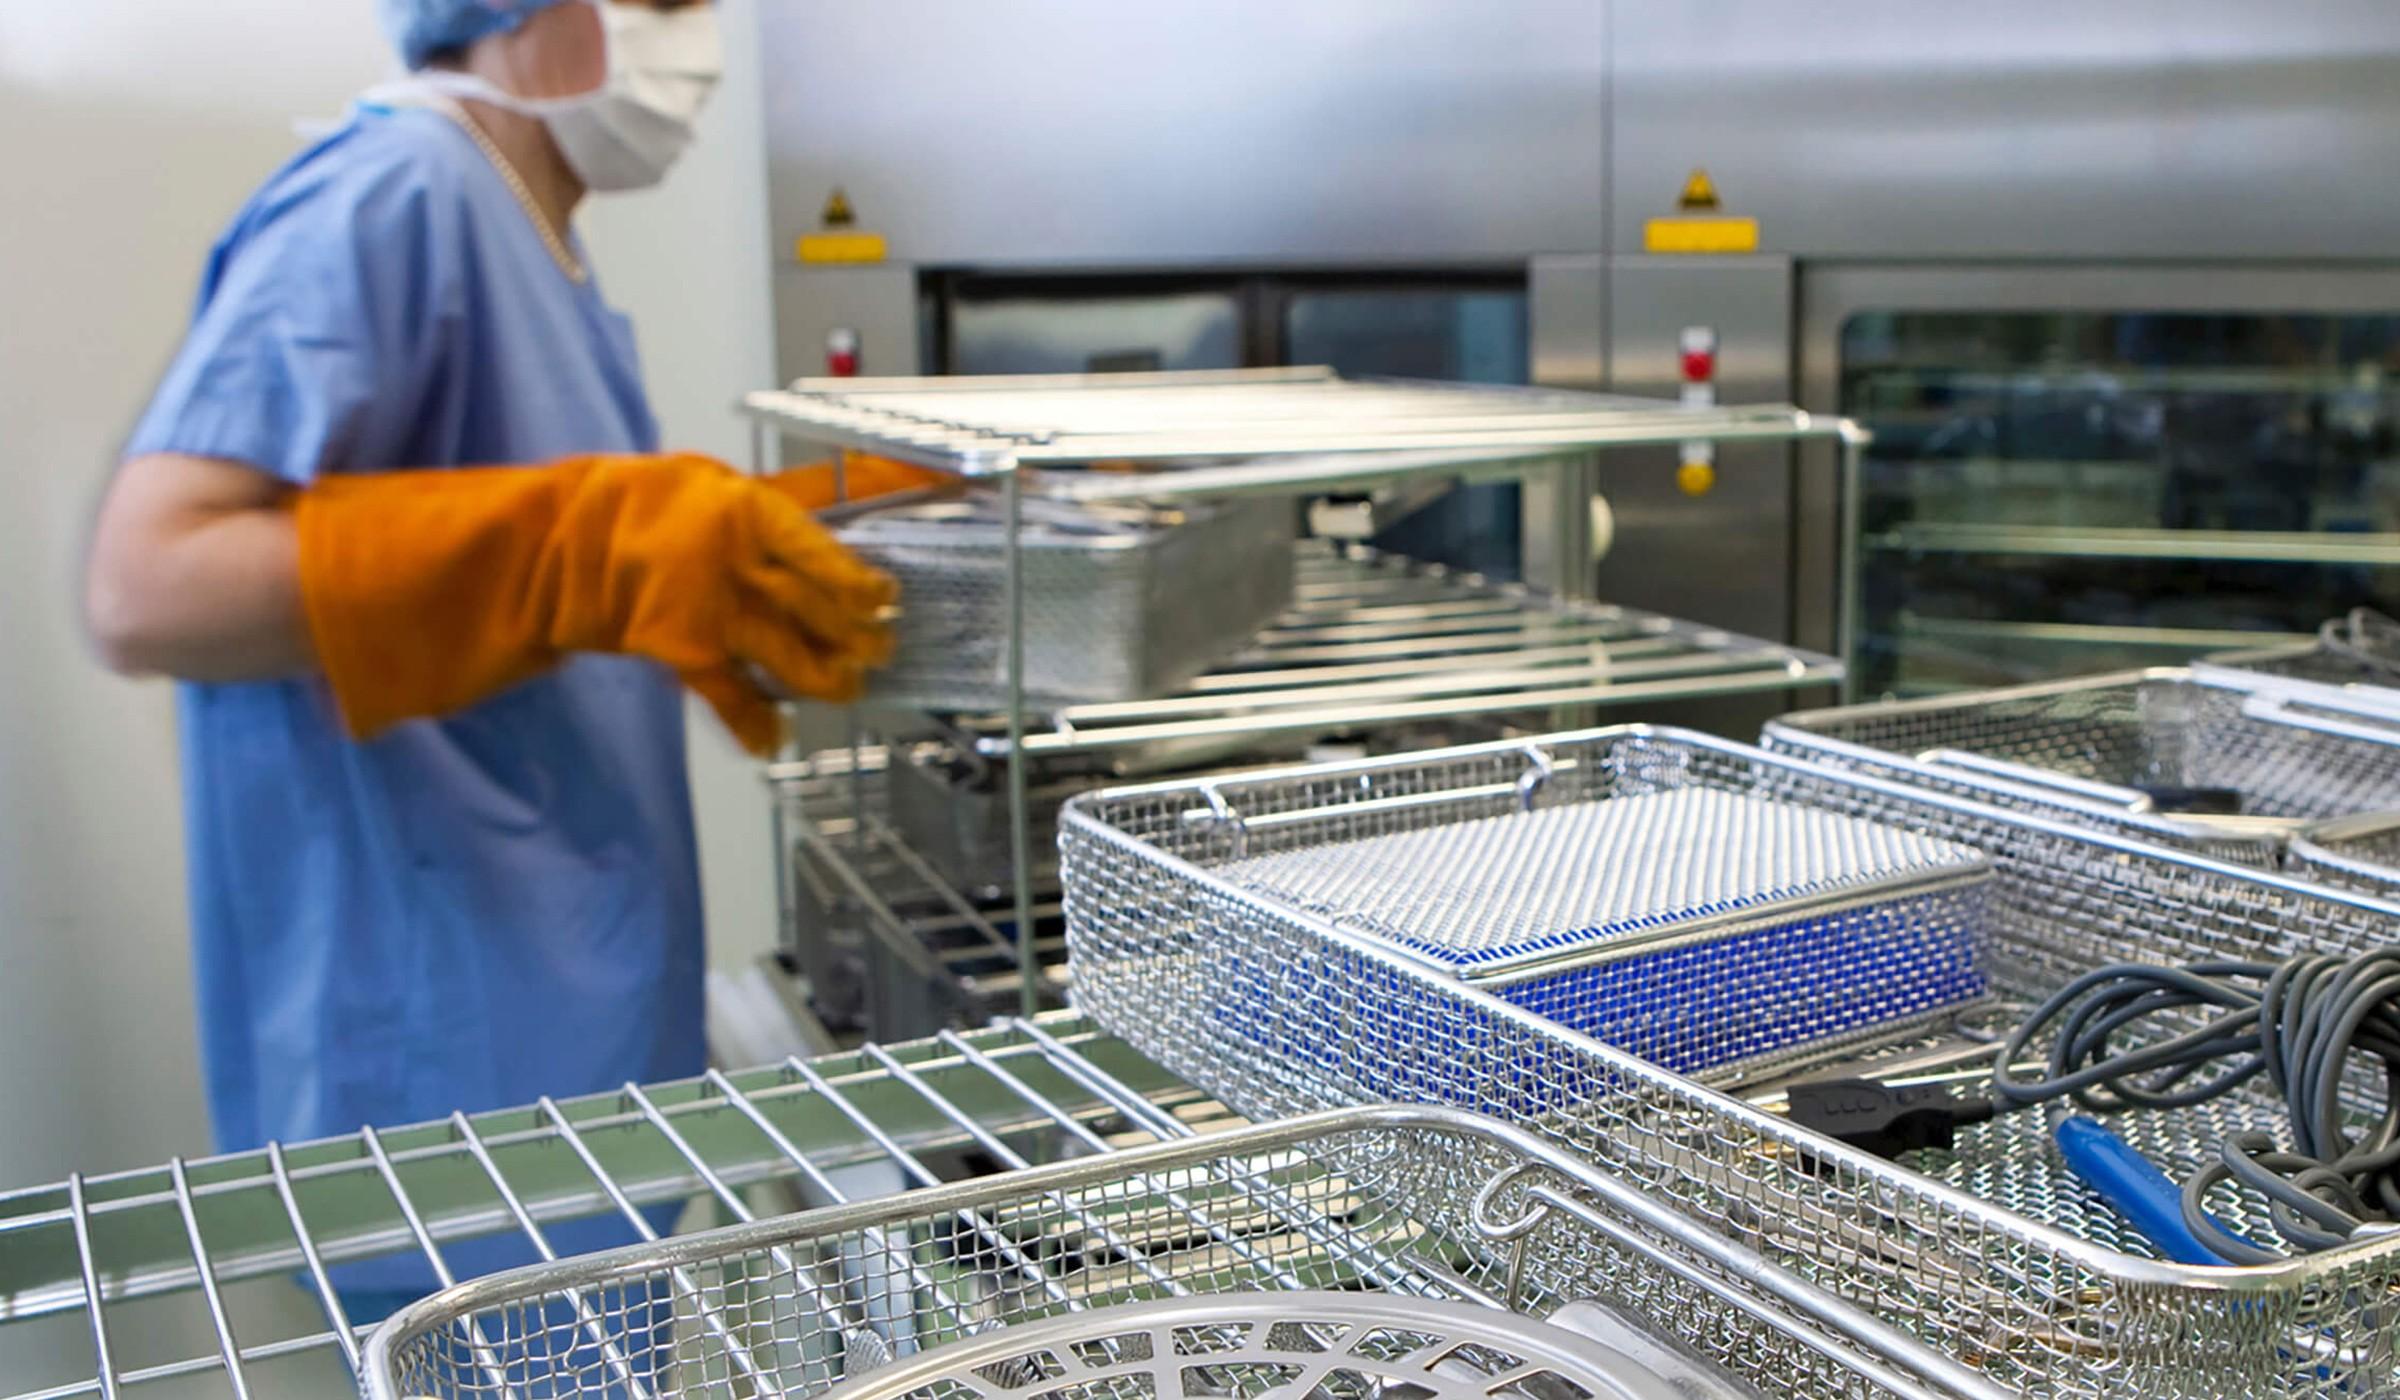 Paniers de stérilisation